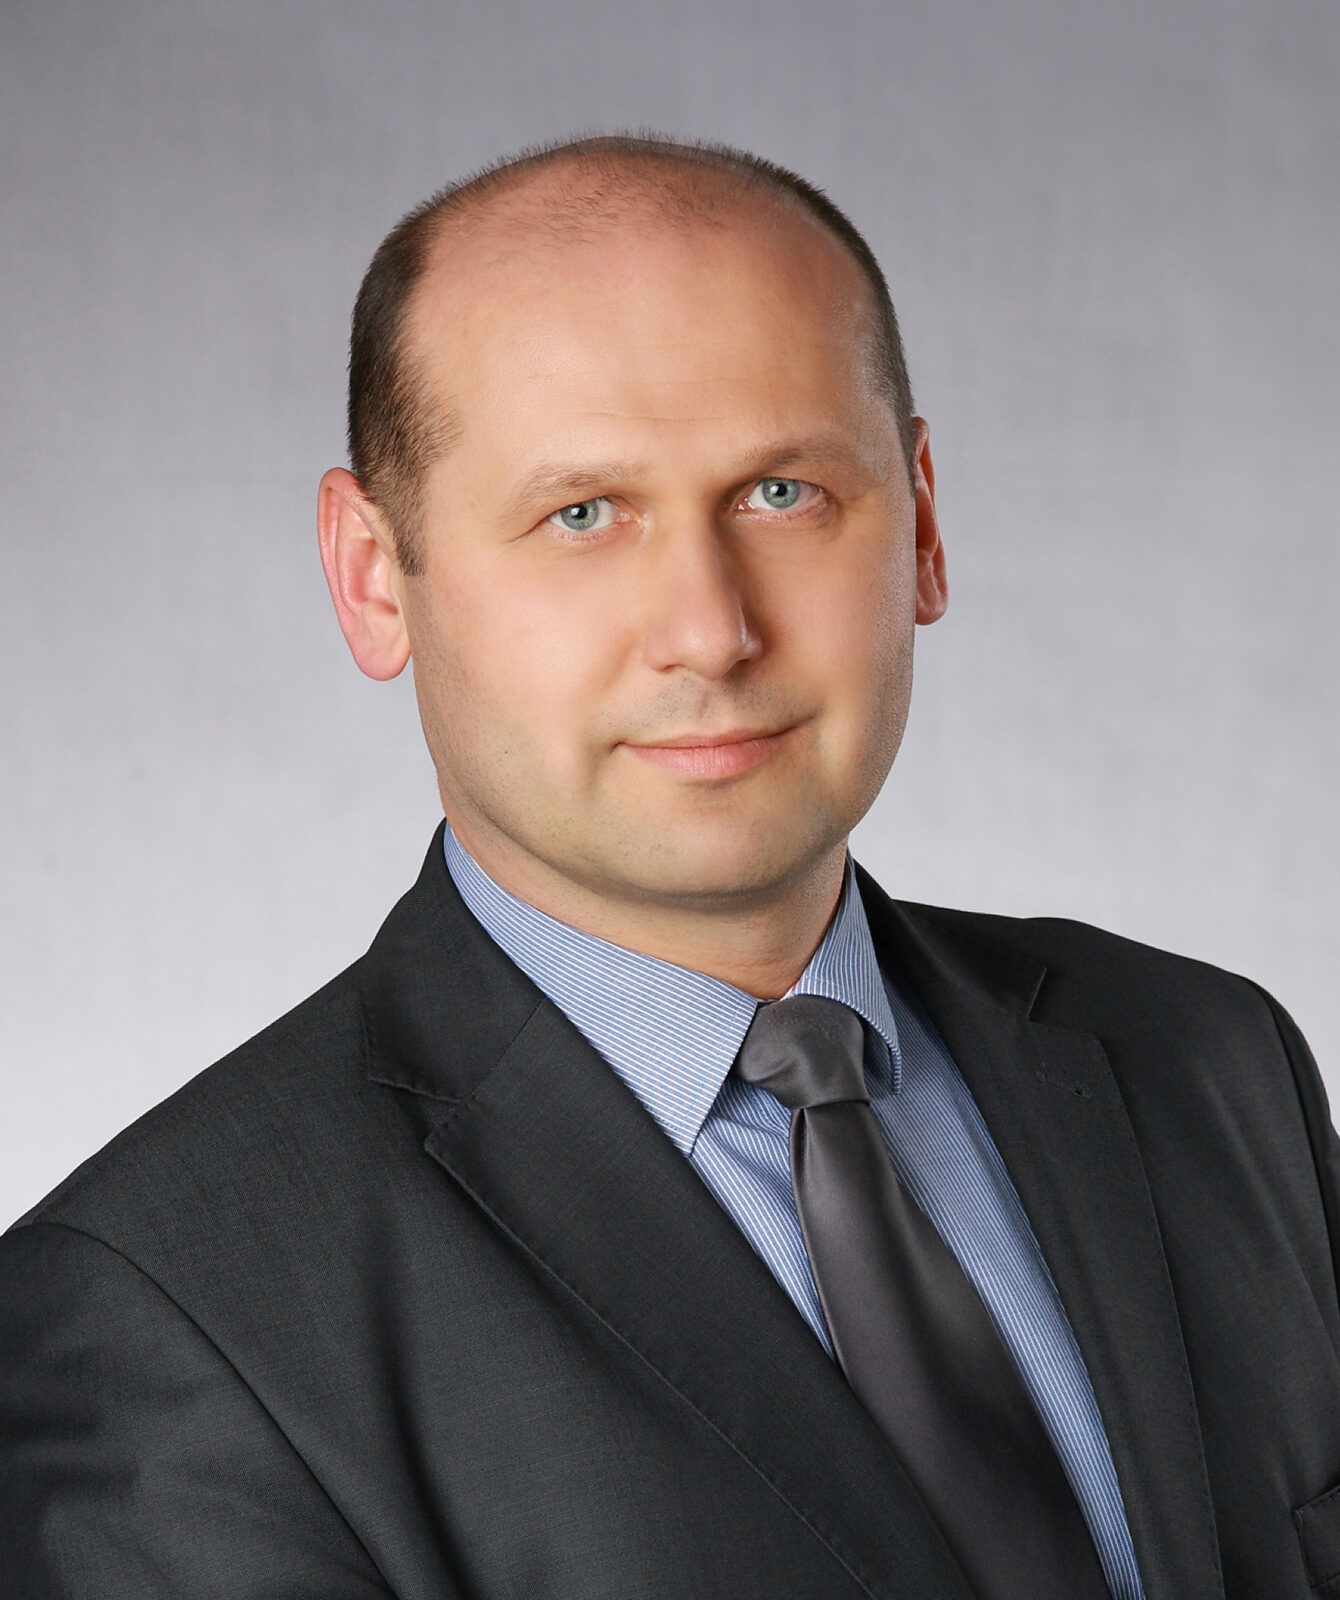 Mirosław Pieróg